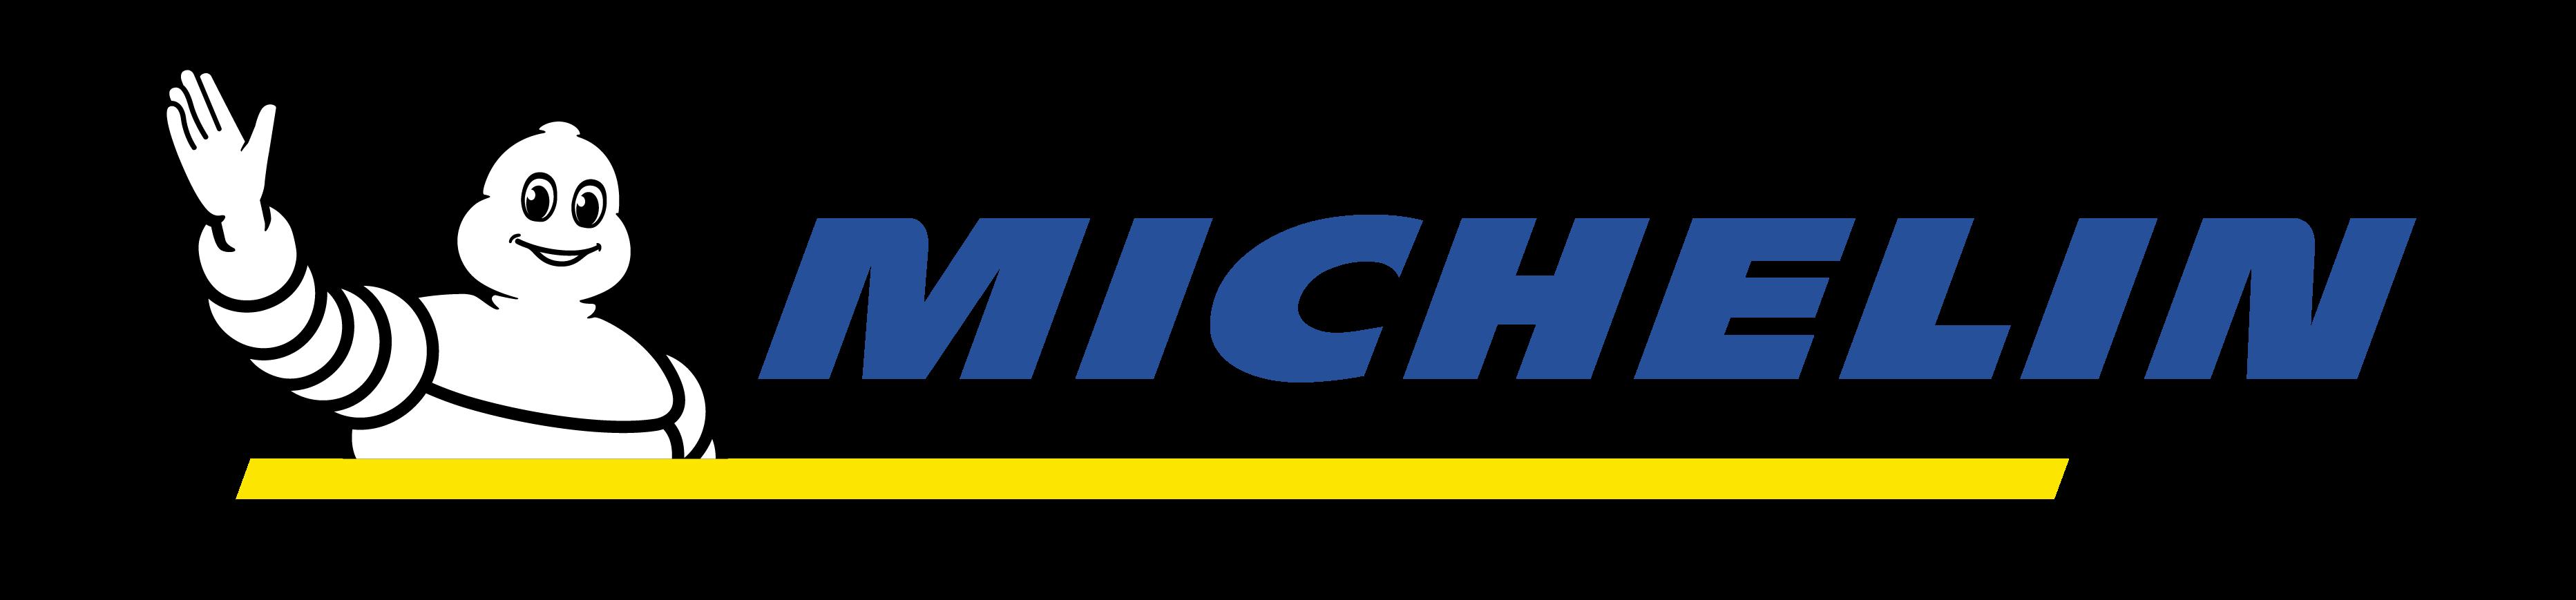 Major Brands: Click for details